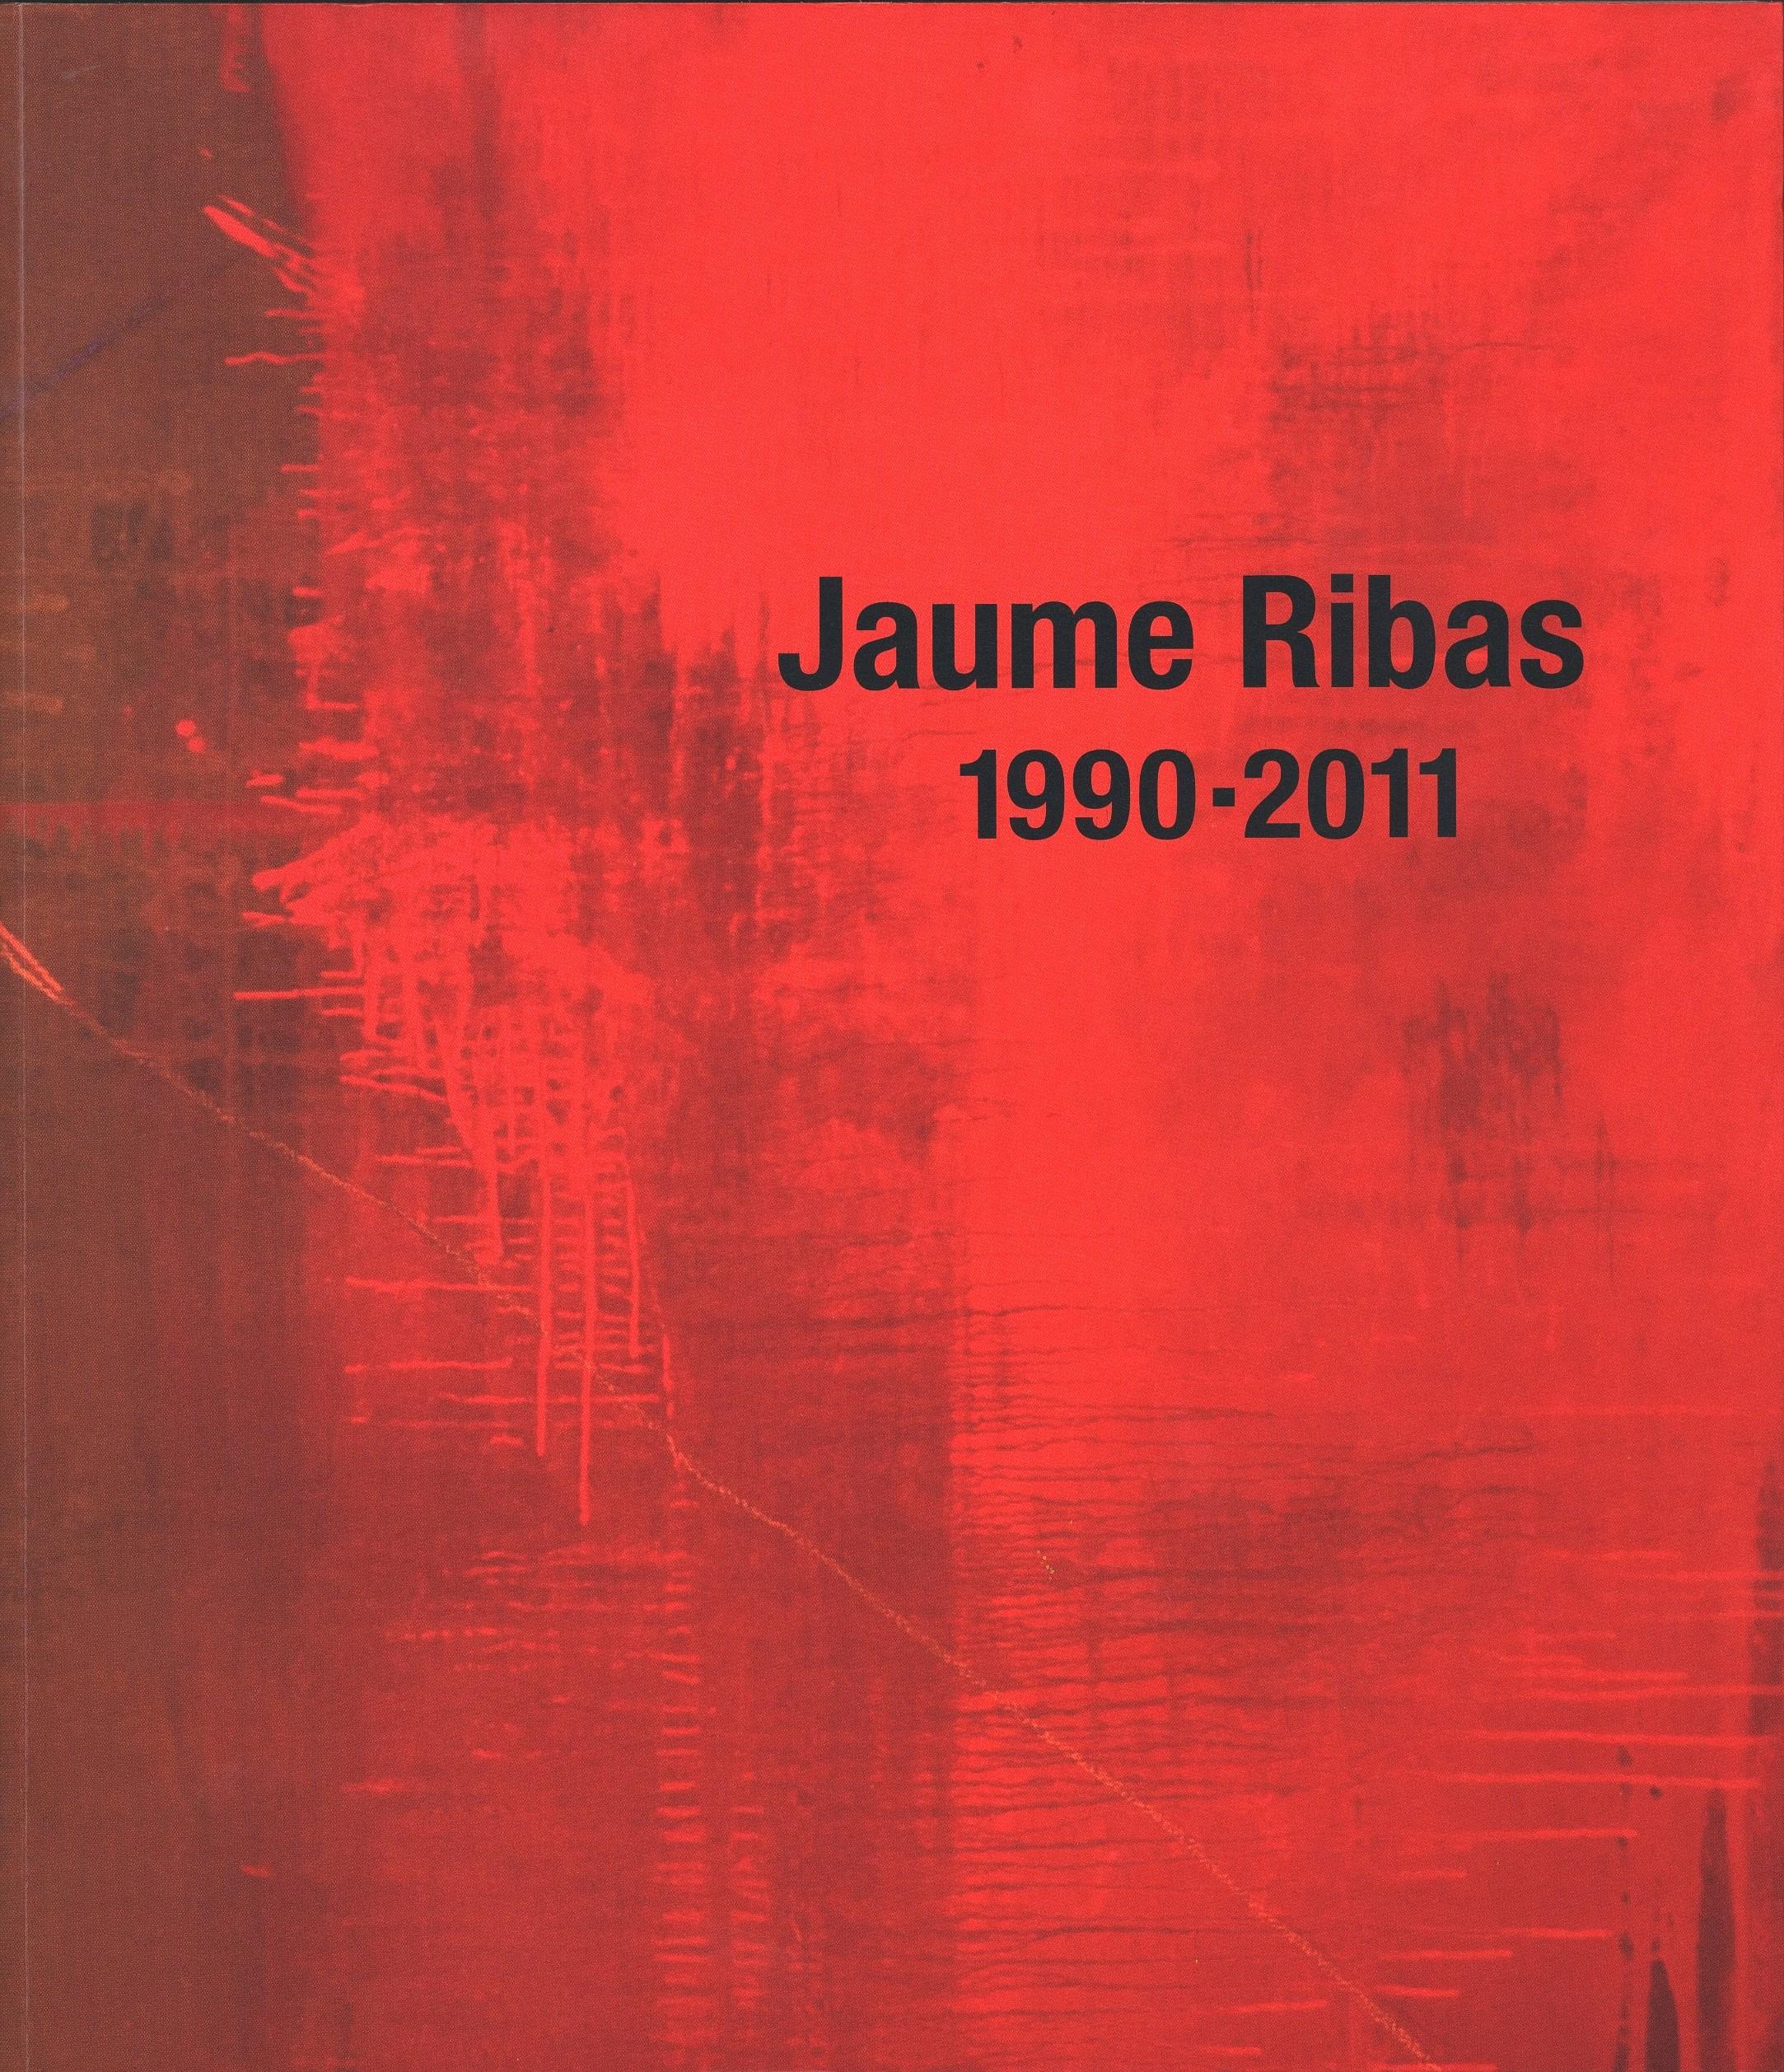 JAUME RIBAS, 1990-2011